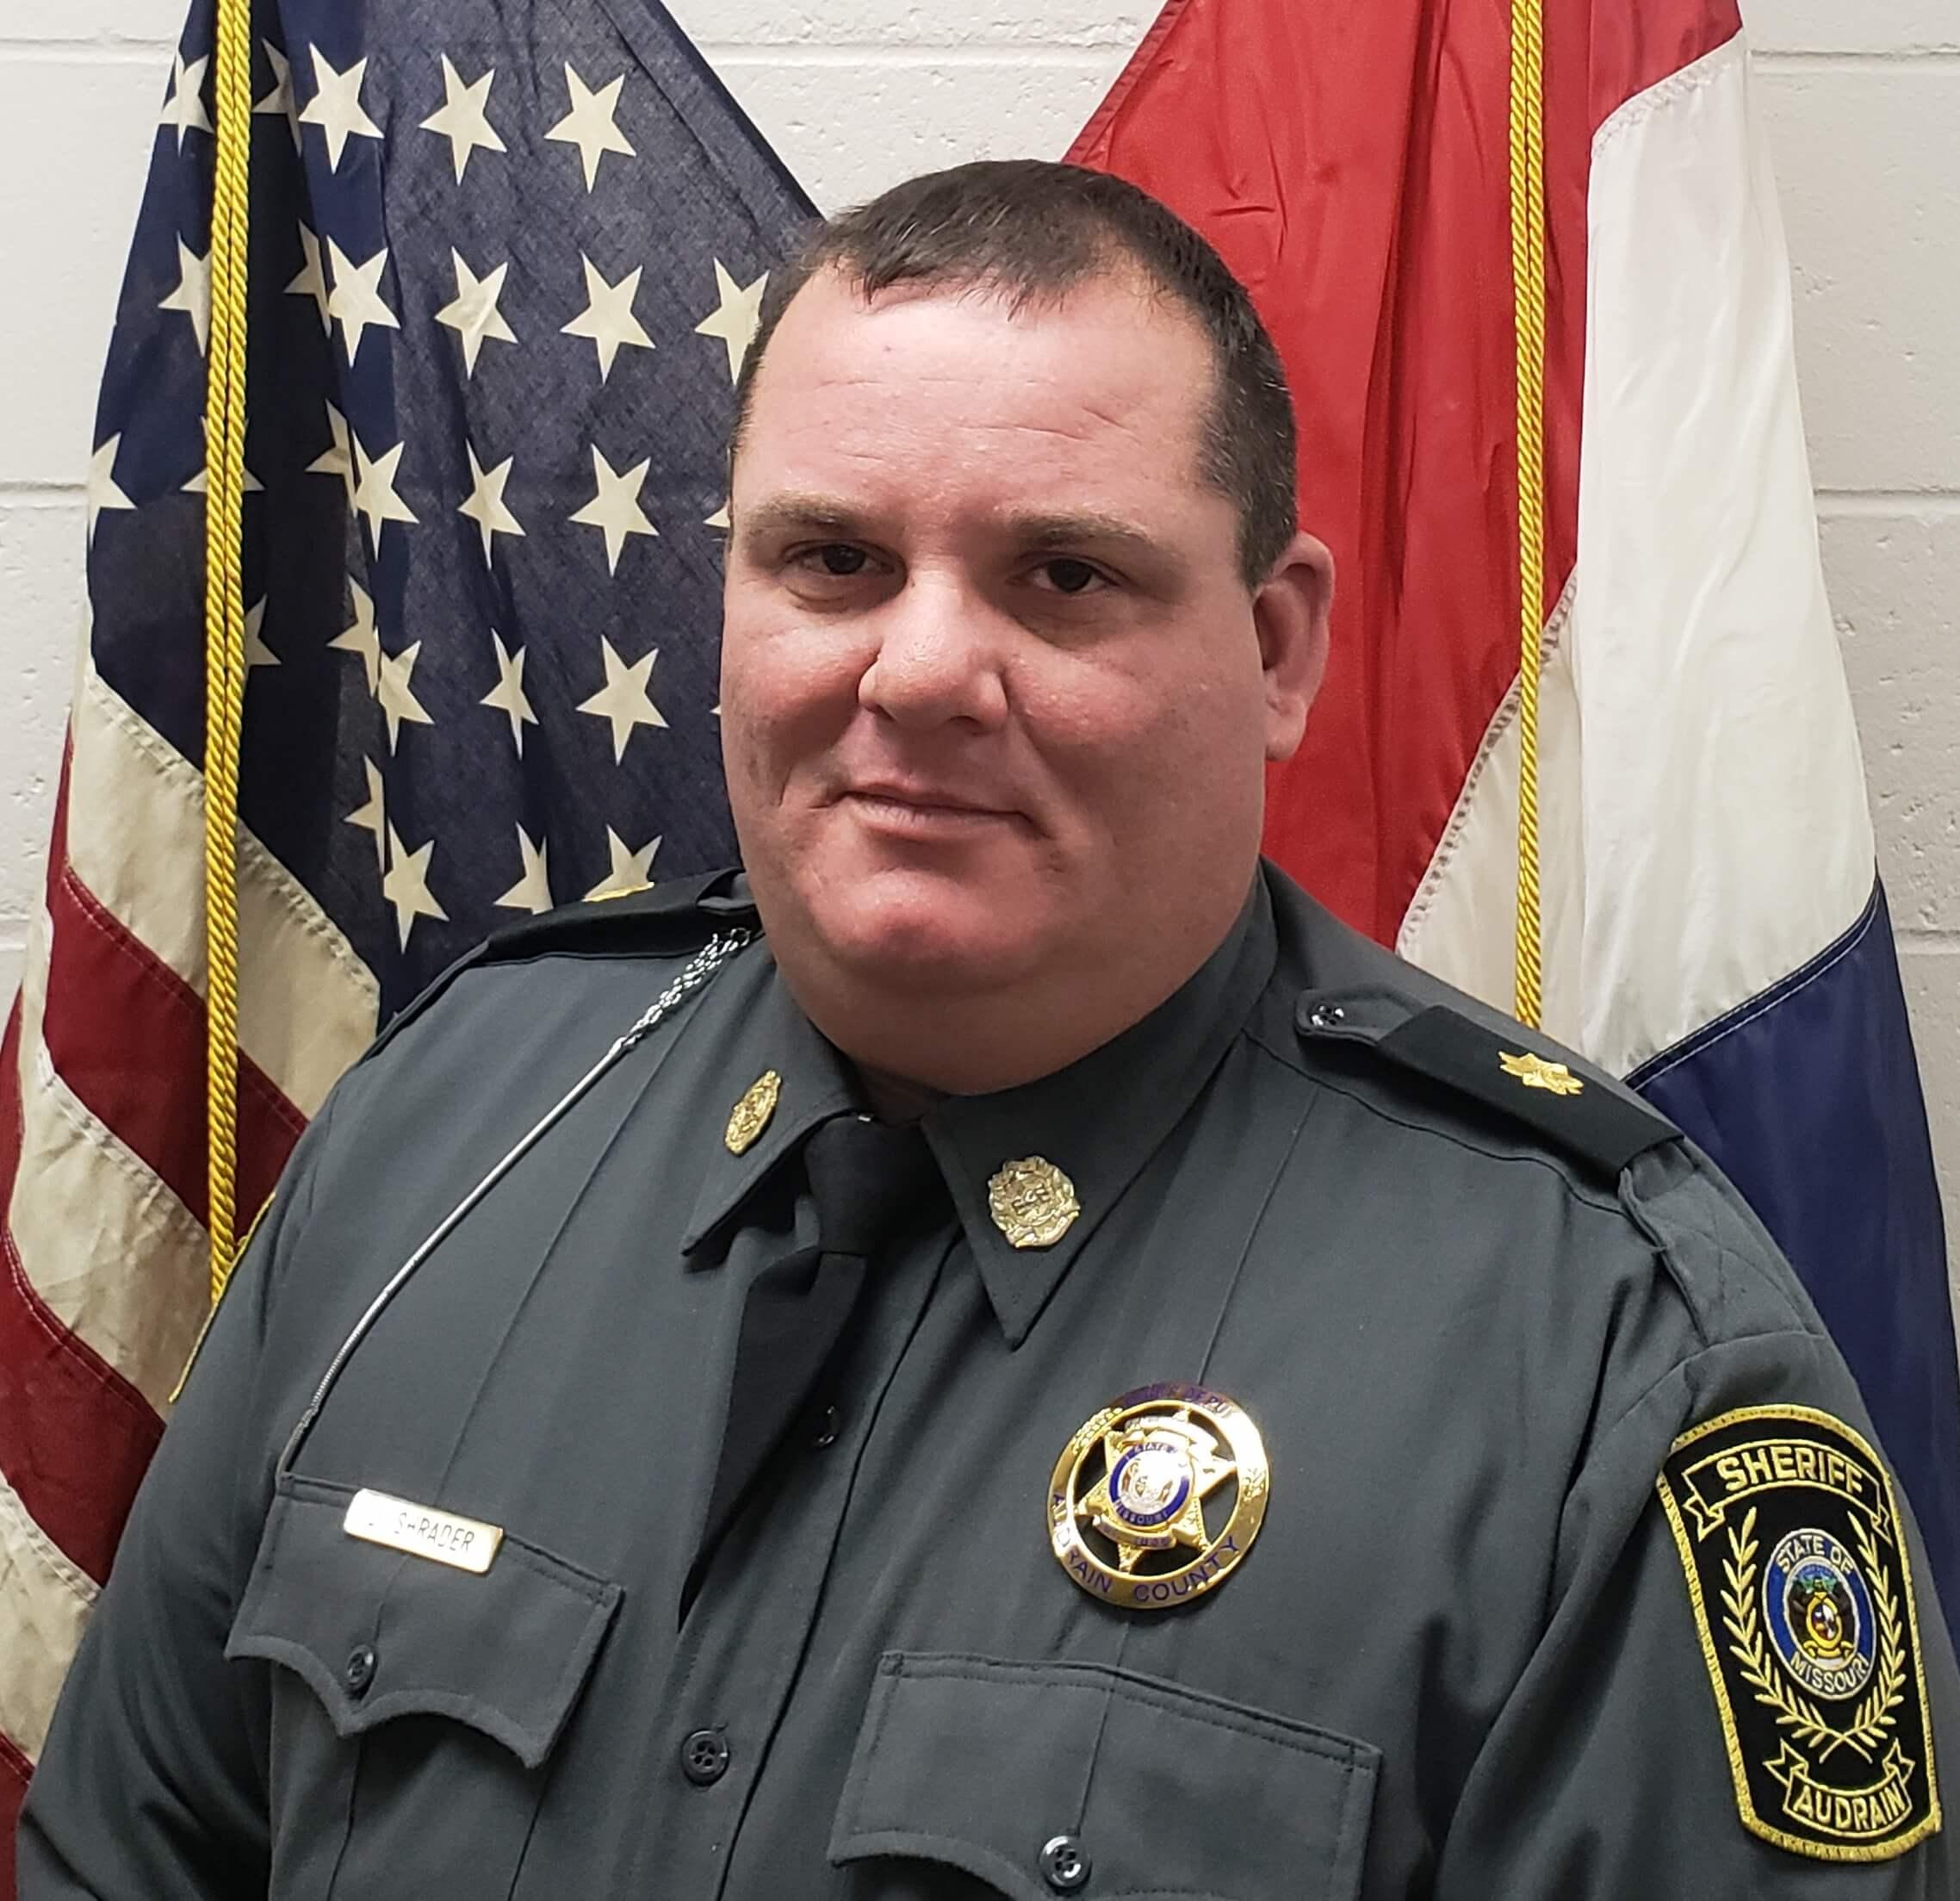 Major James Shrader